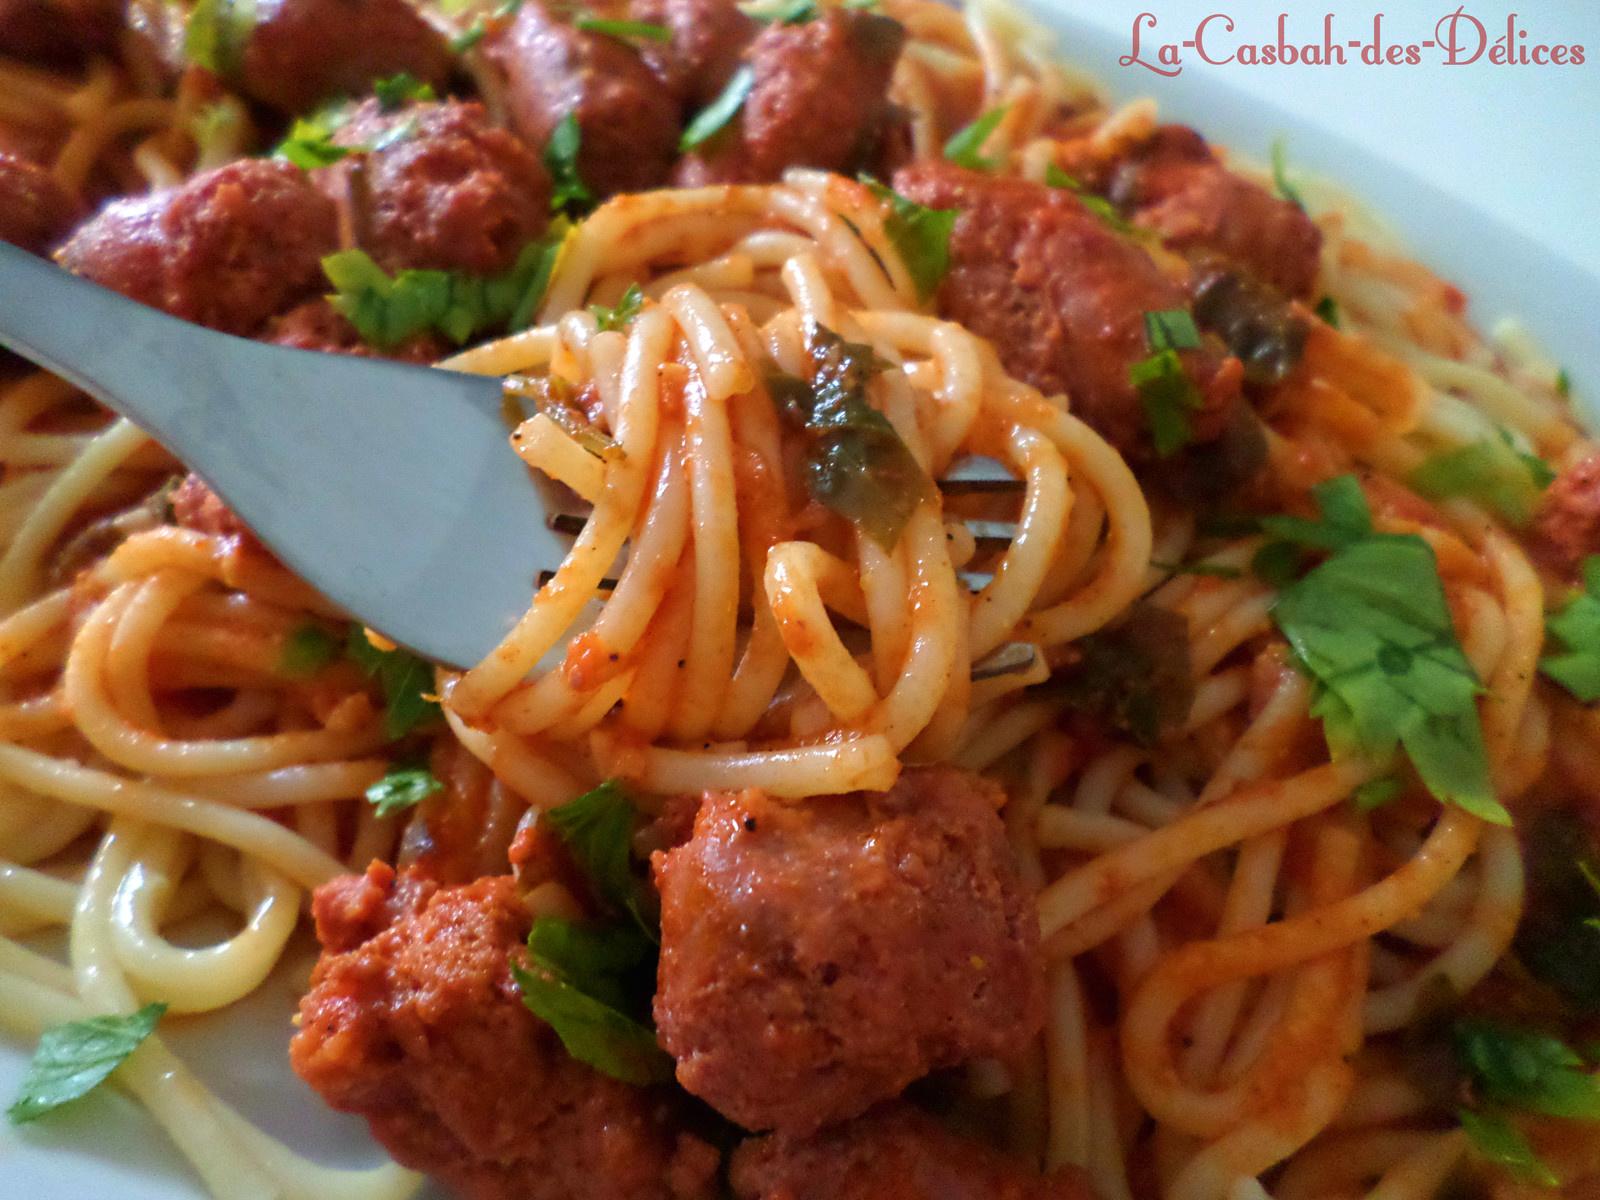 Spaghettis en sauce aux merguez